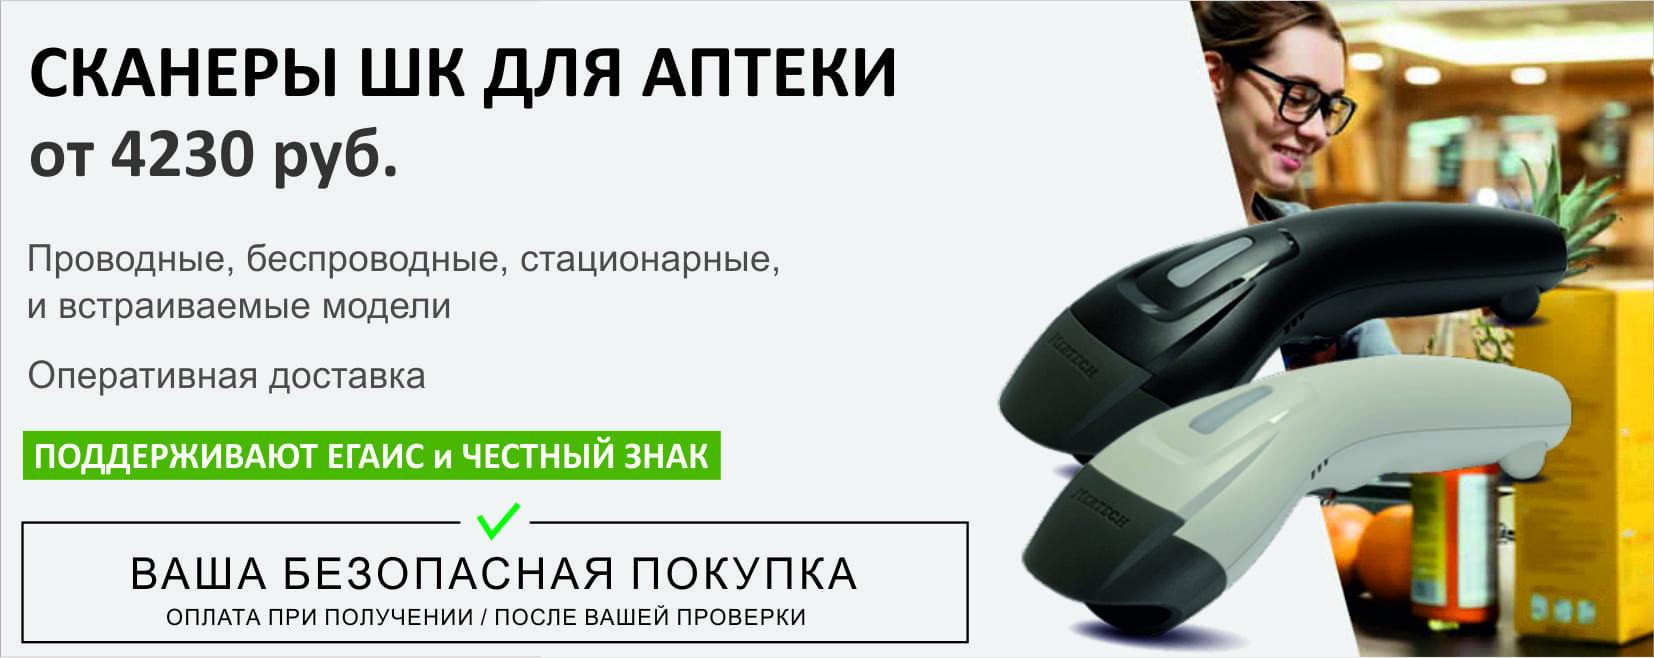 - Сканеры ШК для аптеки